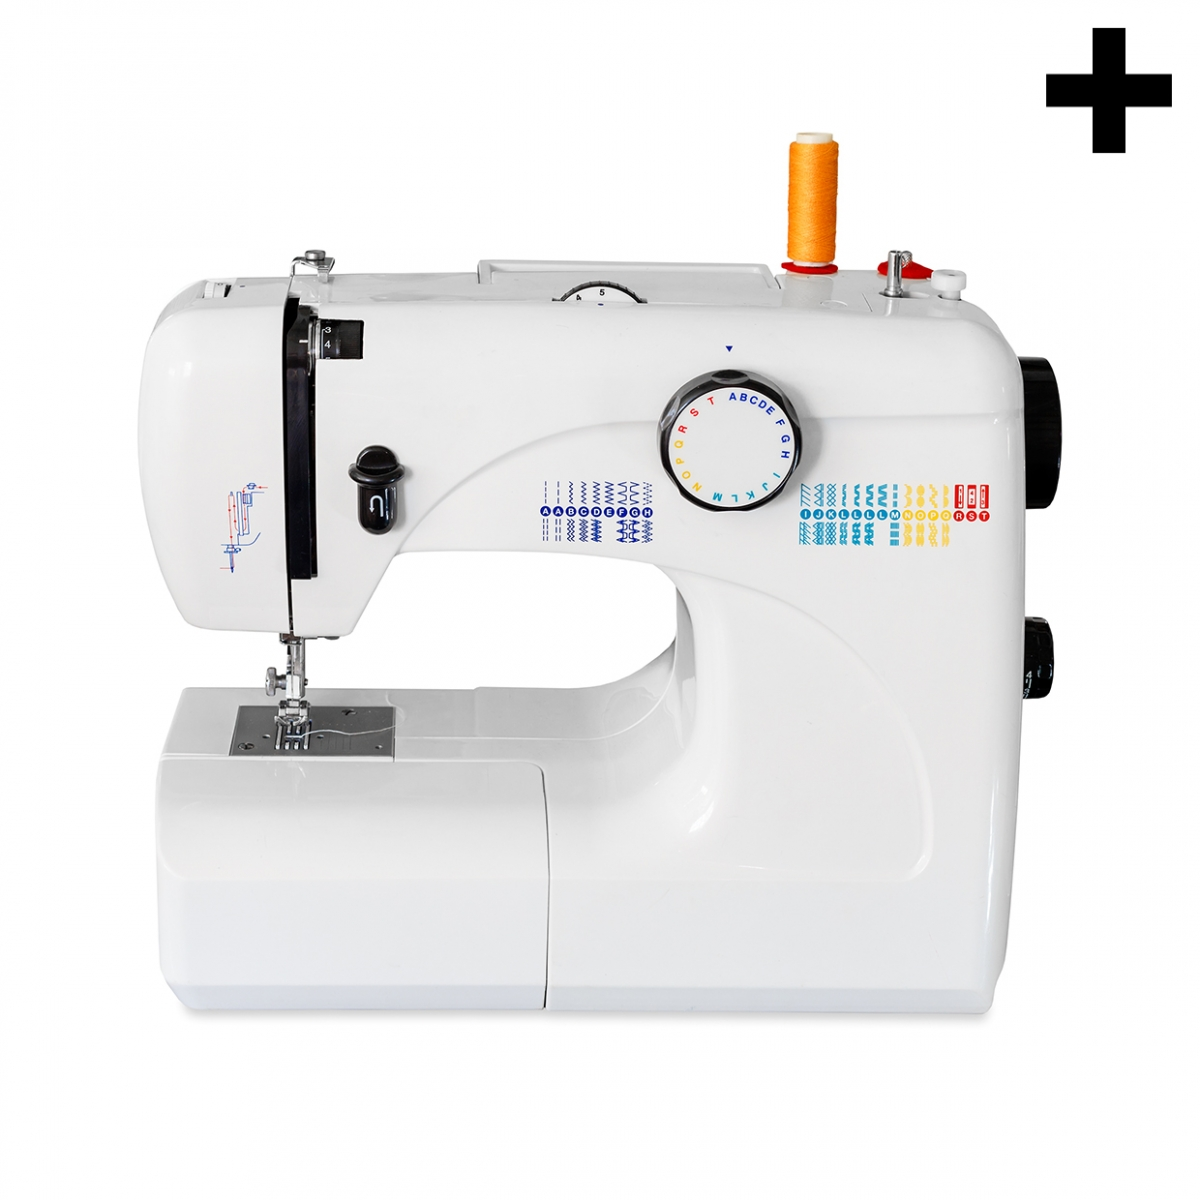 Imagen en la que se ve el plural del concepto máquina de coser